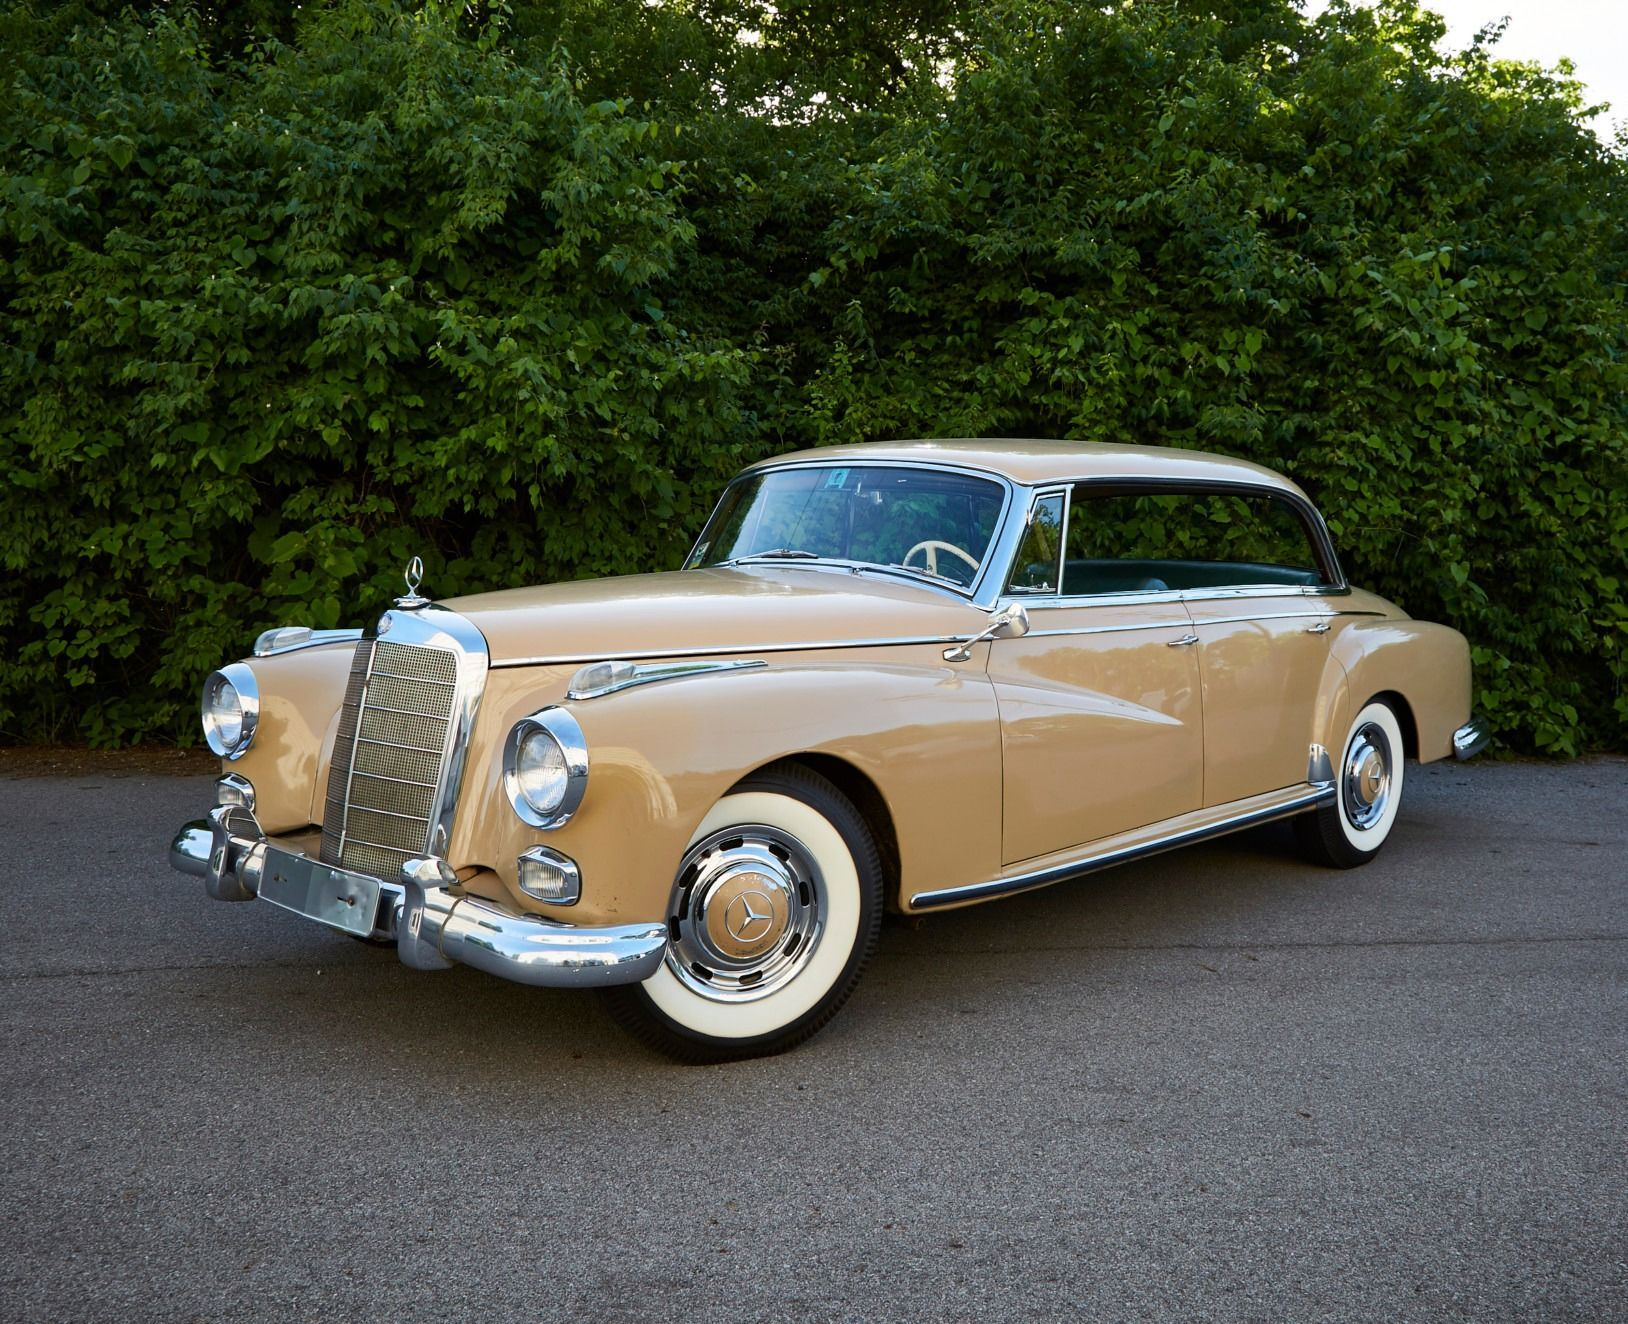 1961 Mercedes-Benz 300d Adenauer